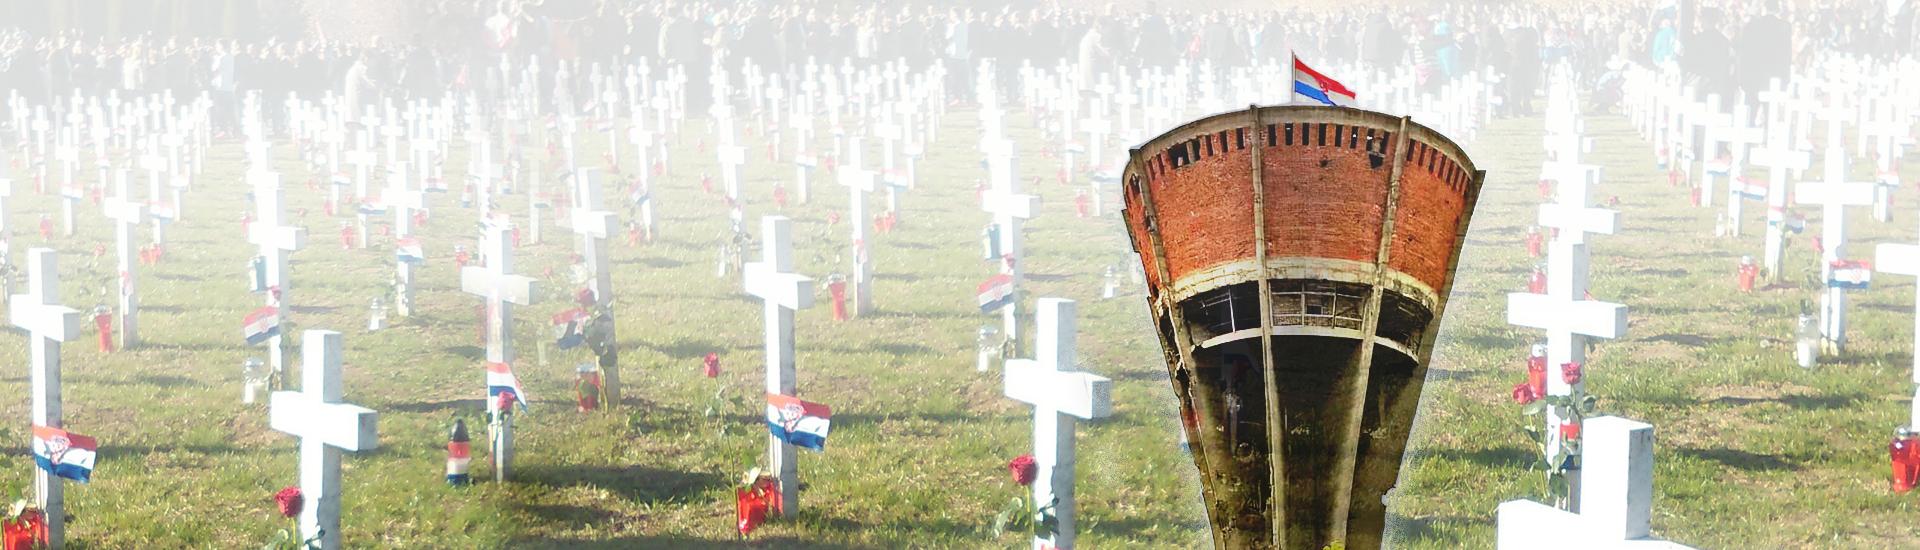 Obilježavanje 18. studenog – Dan sjećanja na žrtvu Vukovara 1991.